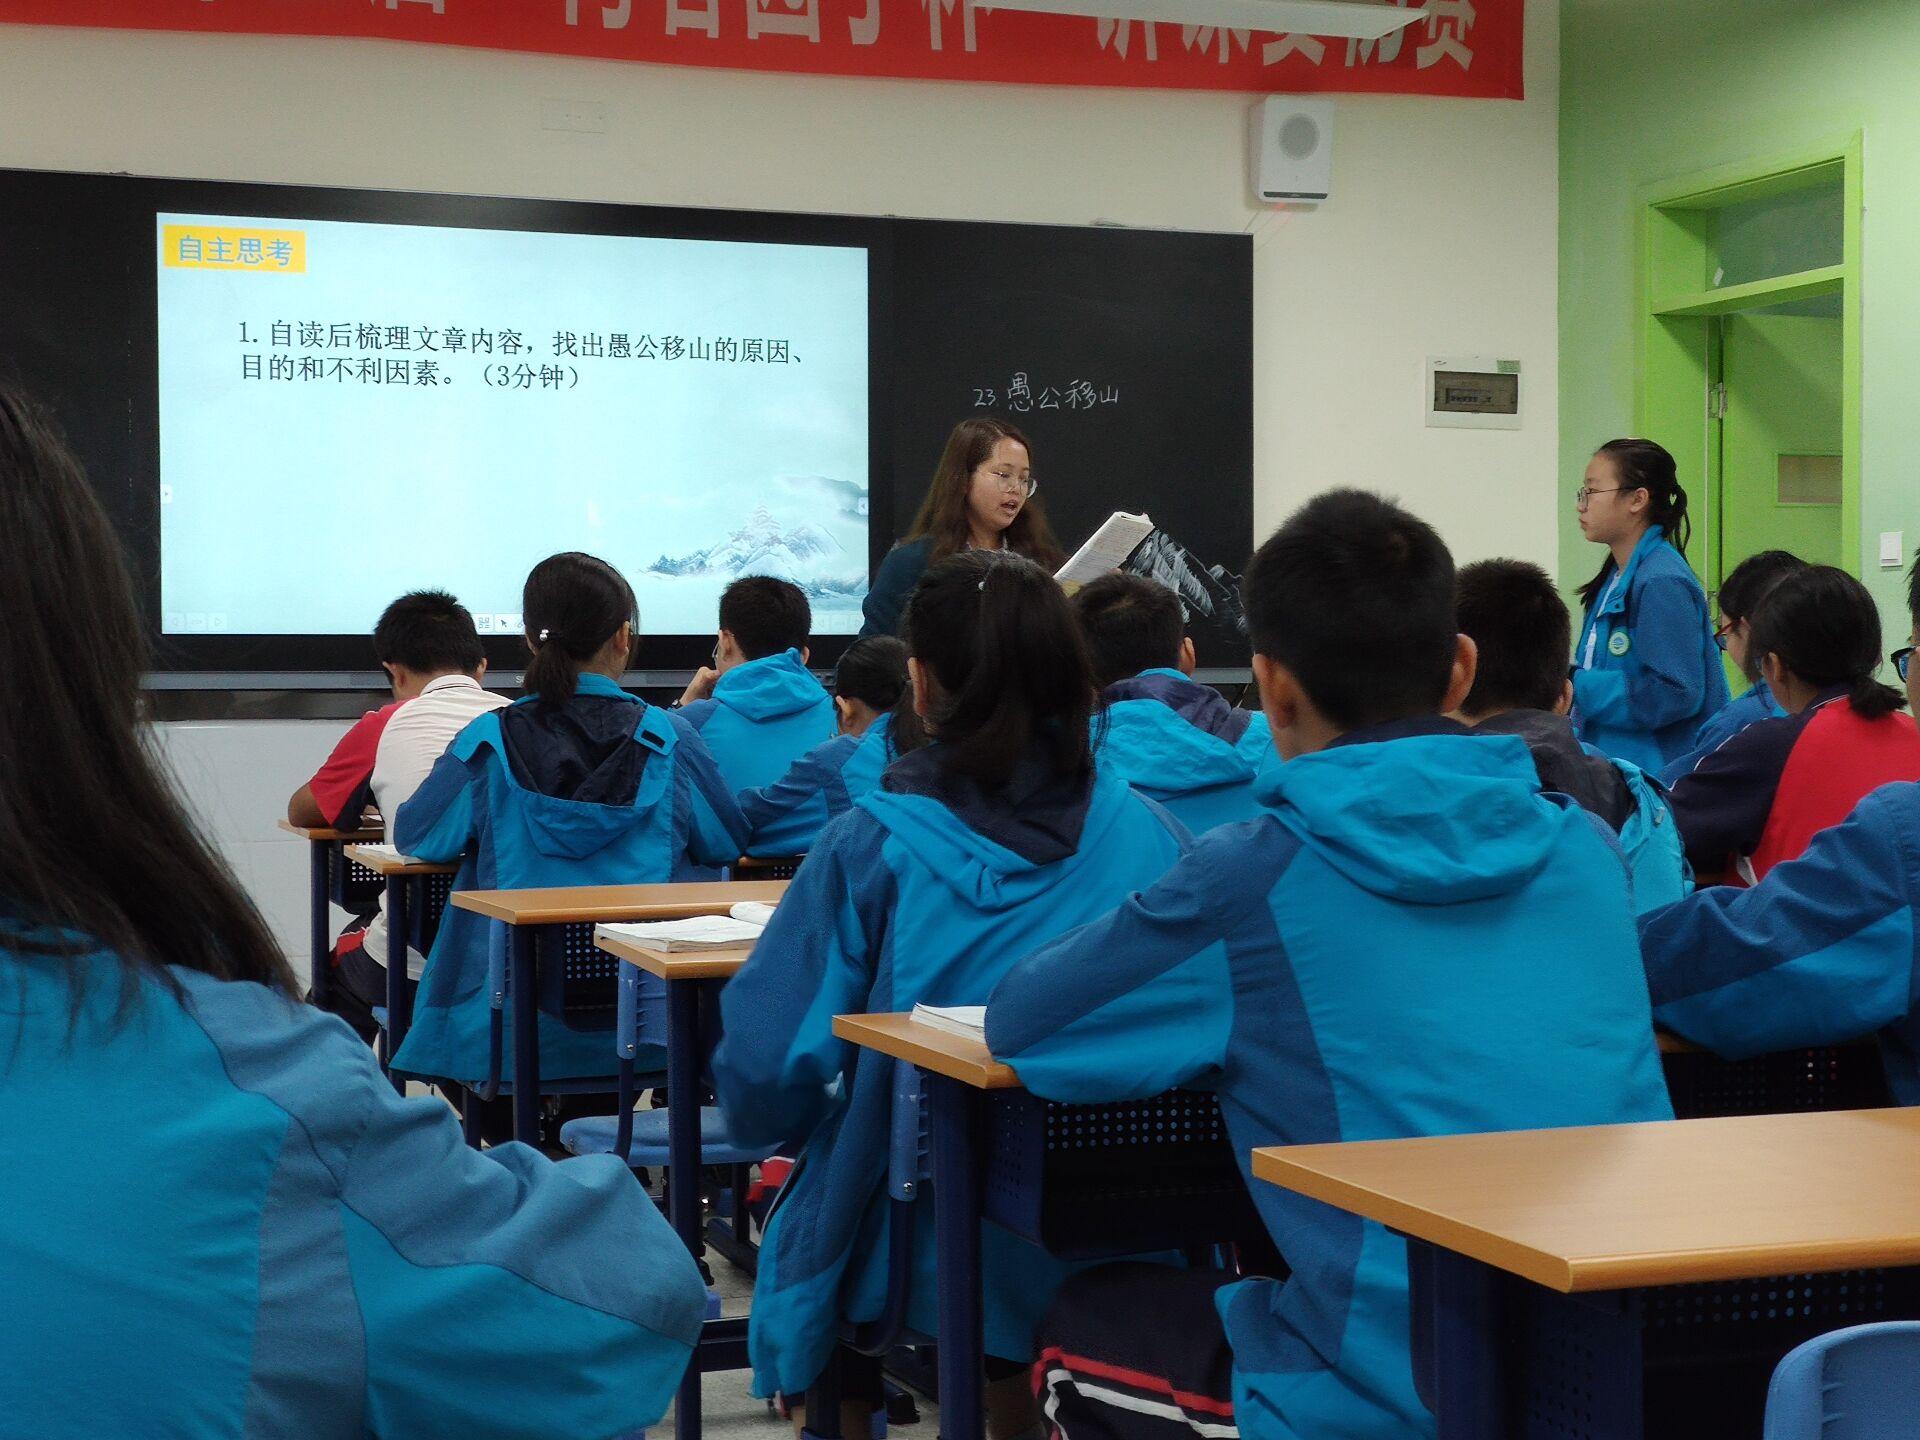 川师实外语文组第八周教研活动